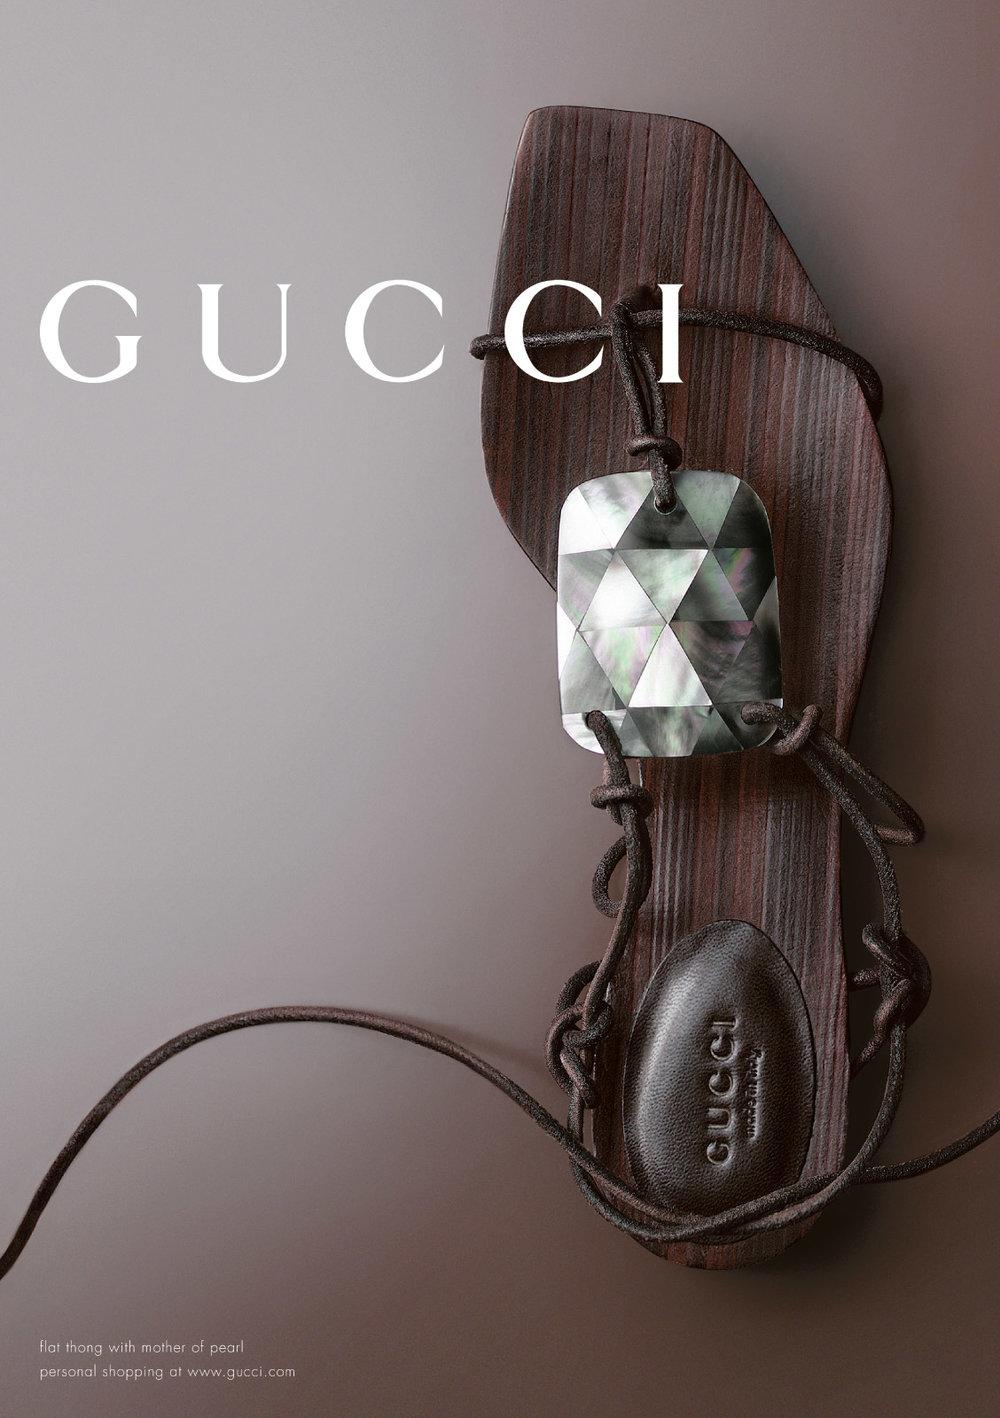 Gucci-Portfolio-Images-41.jpg